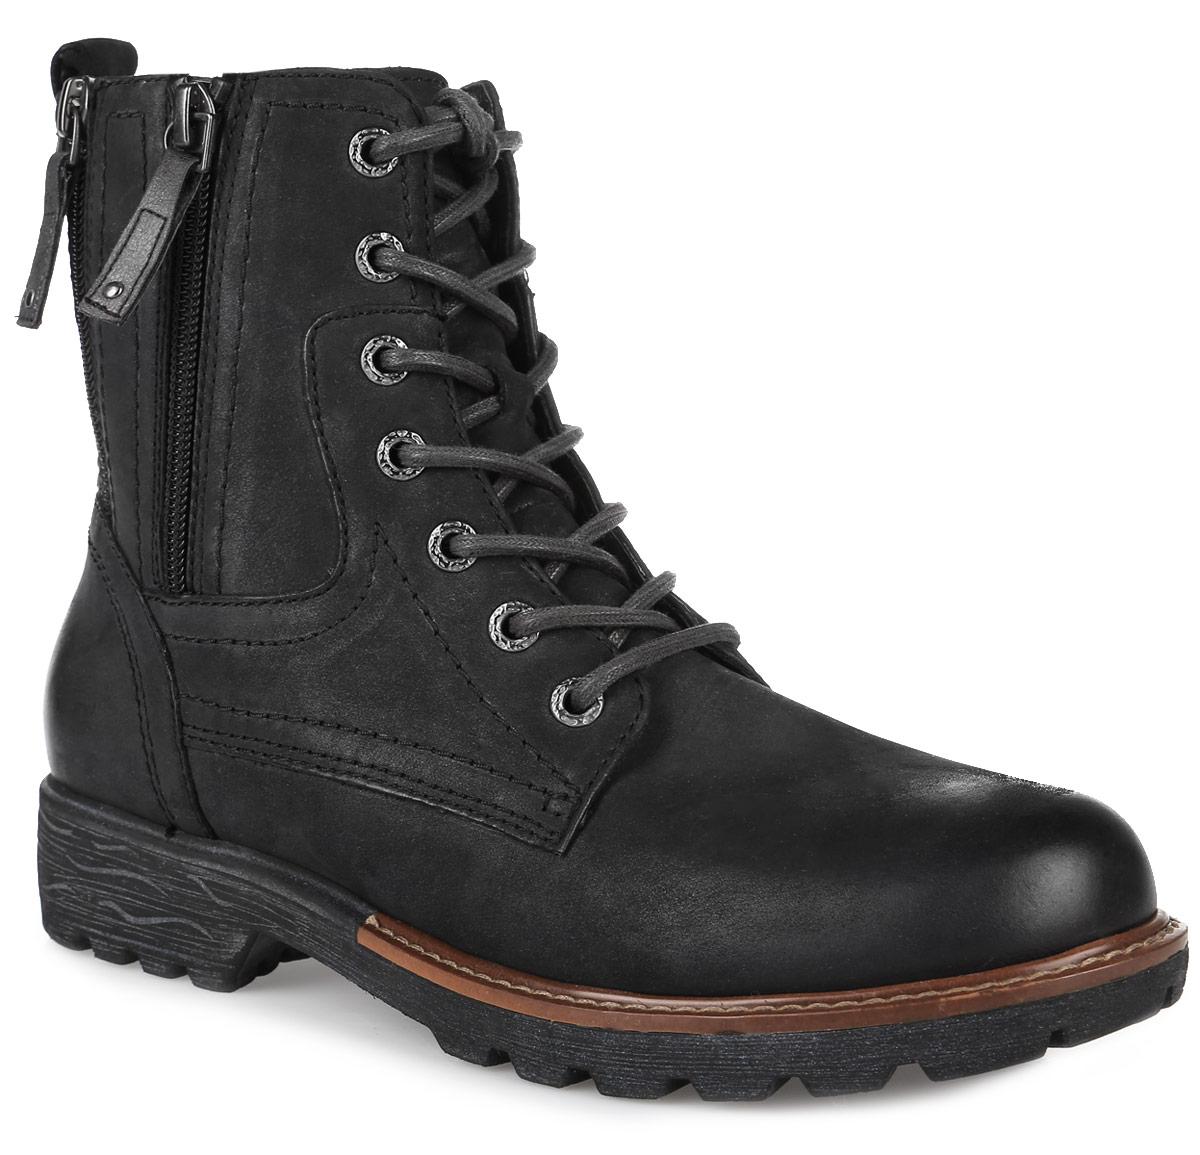 8-8-25212-27-001Стильные женские ботинки от Jana заинтересуют вас своим дизайном с первого взгляда! Модель выполнена из натуральной кожи. Подкладка из текстиля и стелька из материала ЭВА с текстильной поверхностью комфортны при движении. Классическая шнуровка надежно зафиксирует модель на ноге. Боковая застежка-молния позволяет легко снимать и надевать модель. Подошва и каблук с рифлением обеспечивают отличное сцепление с любой поверхностью. Застежки-молнии, расположенные на голенище, позволяют отрегулировать его объем.